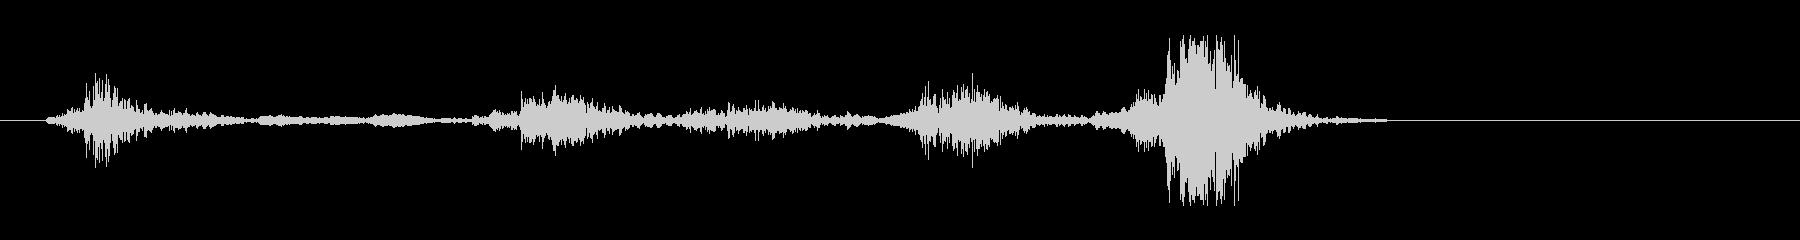 カチャ、(鍵などを差し込んで回した音)の未再生の波形